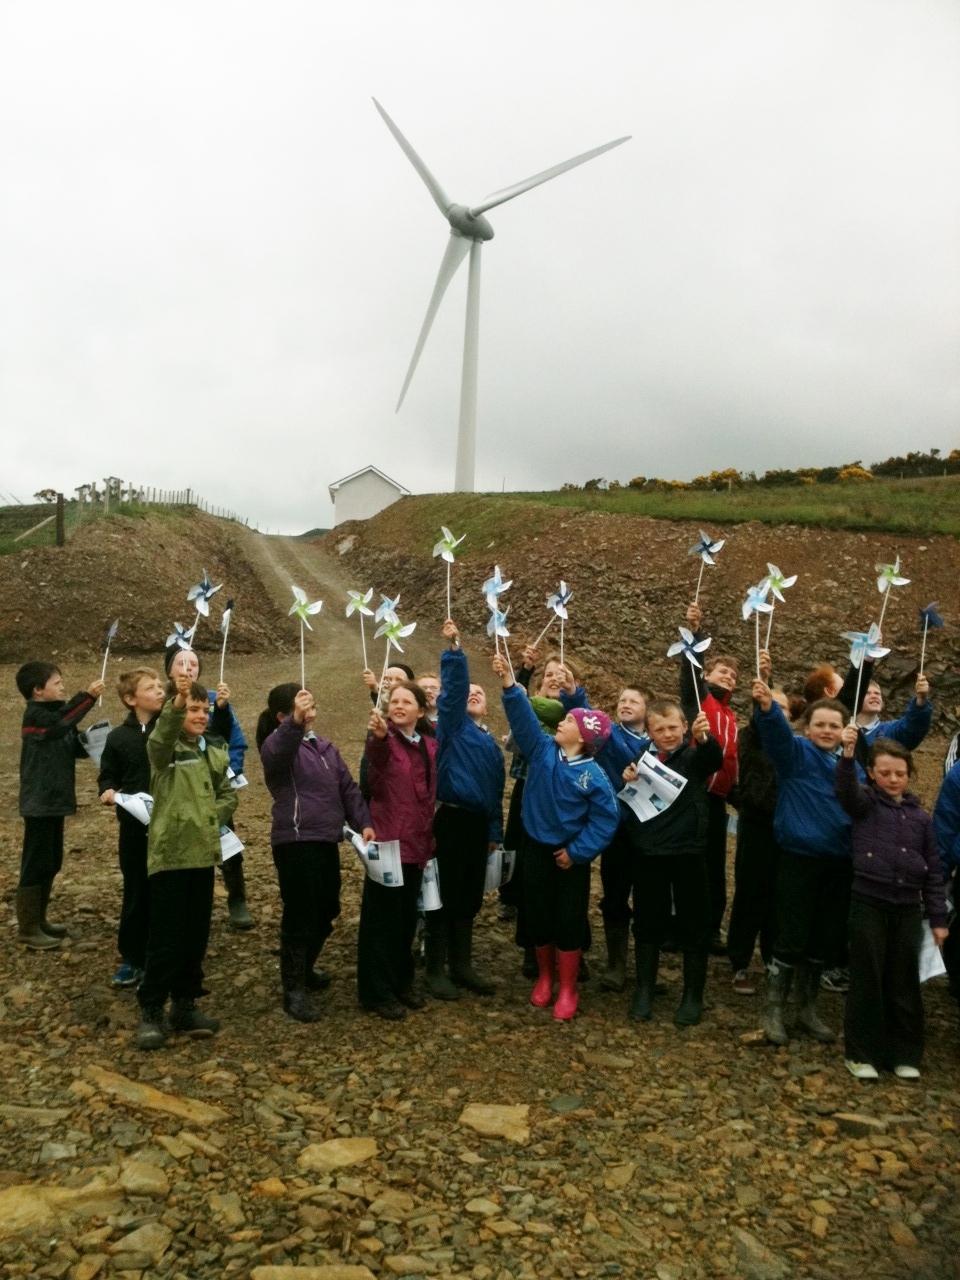 Συνέντευξη REScoop.eu: 3500 ενεργειακοί συνεταιρισμοί πολιτών αλλάζουν το ενεργειακό τοπίο στην ΕΕ